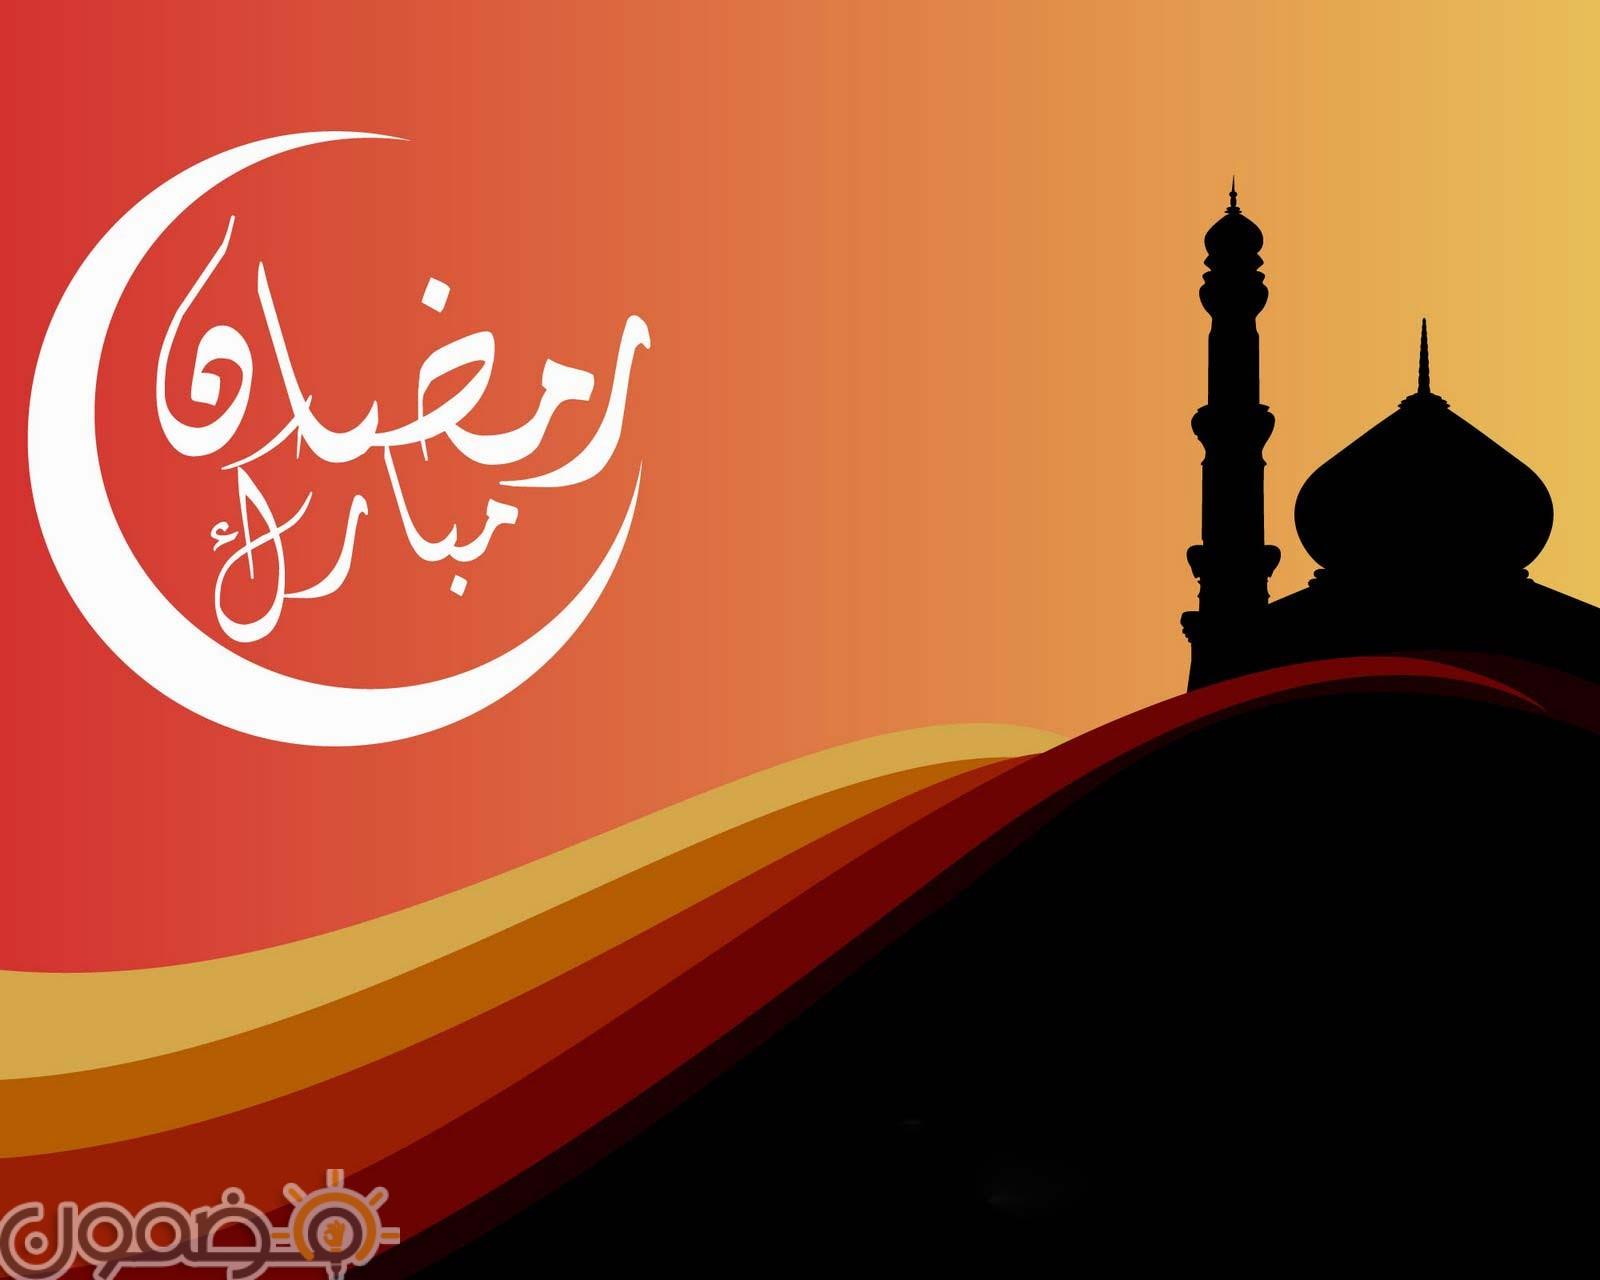 صور تغريدات رمضانيه 5 صور تغريدات رمضانيه تويتات رمضان لتويتر